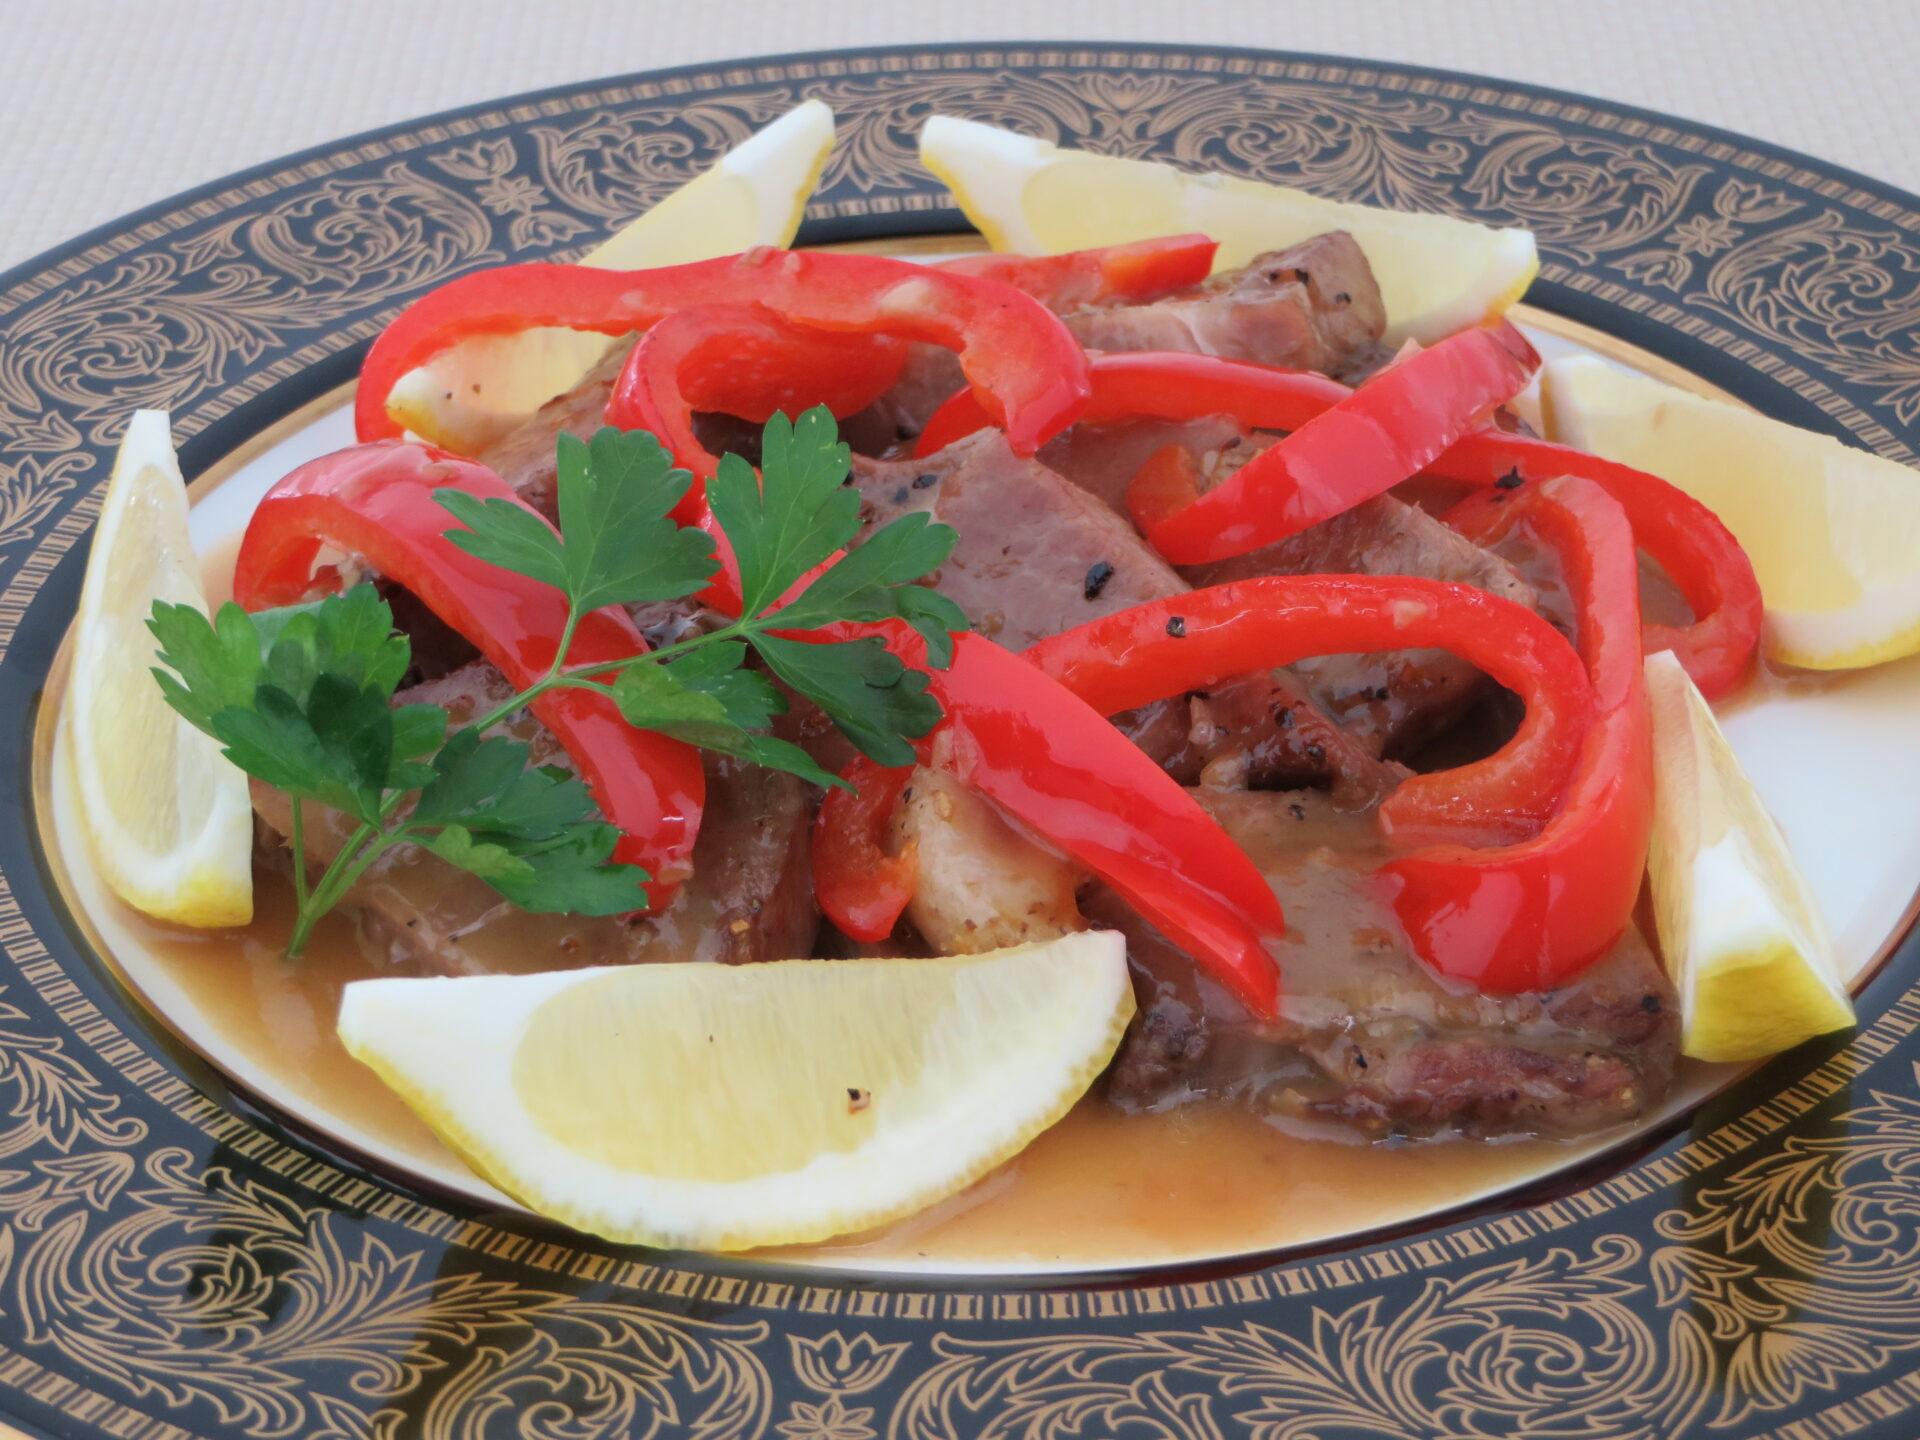 豚肉と赤いピーマンの蒸し煮 【ポルトガル共和国】